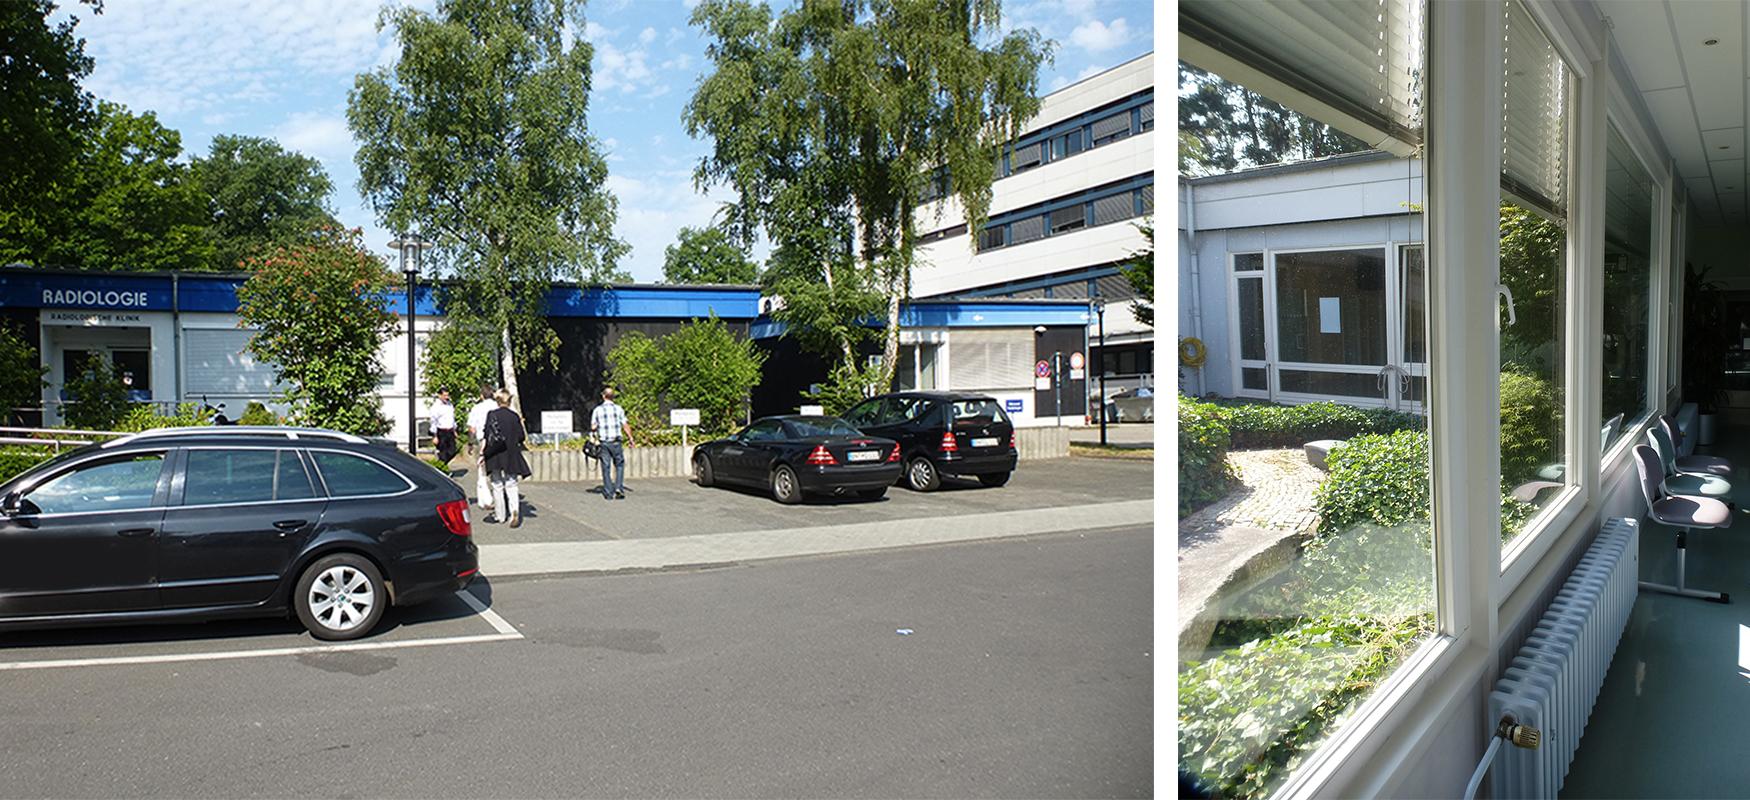 Brandschutzplanung in der Radiologie Bonn vom Ingenieurbüro Pabst und Partner Ingenieure